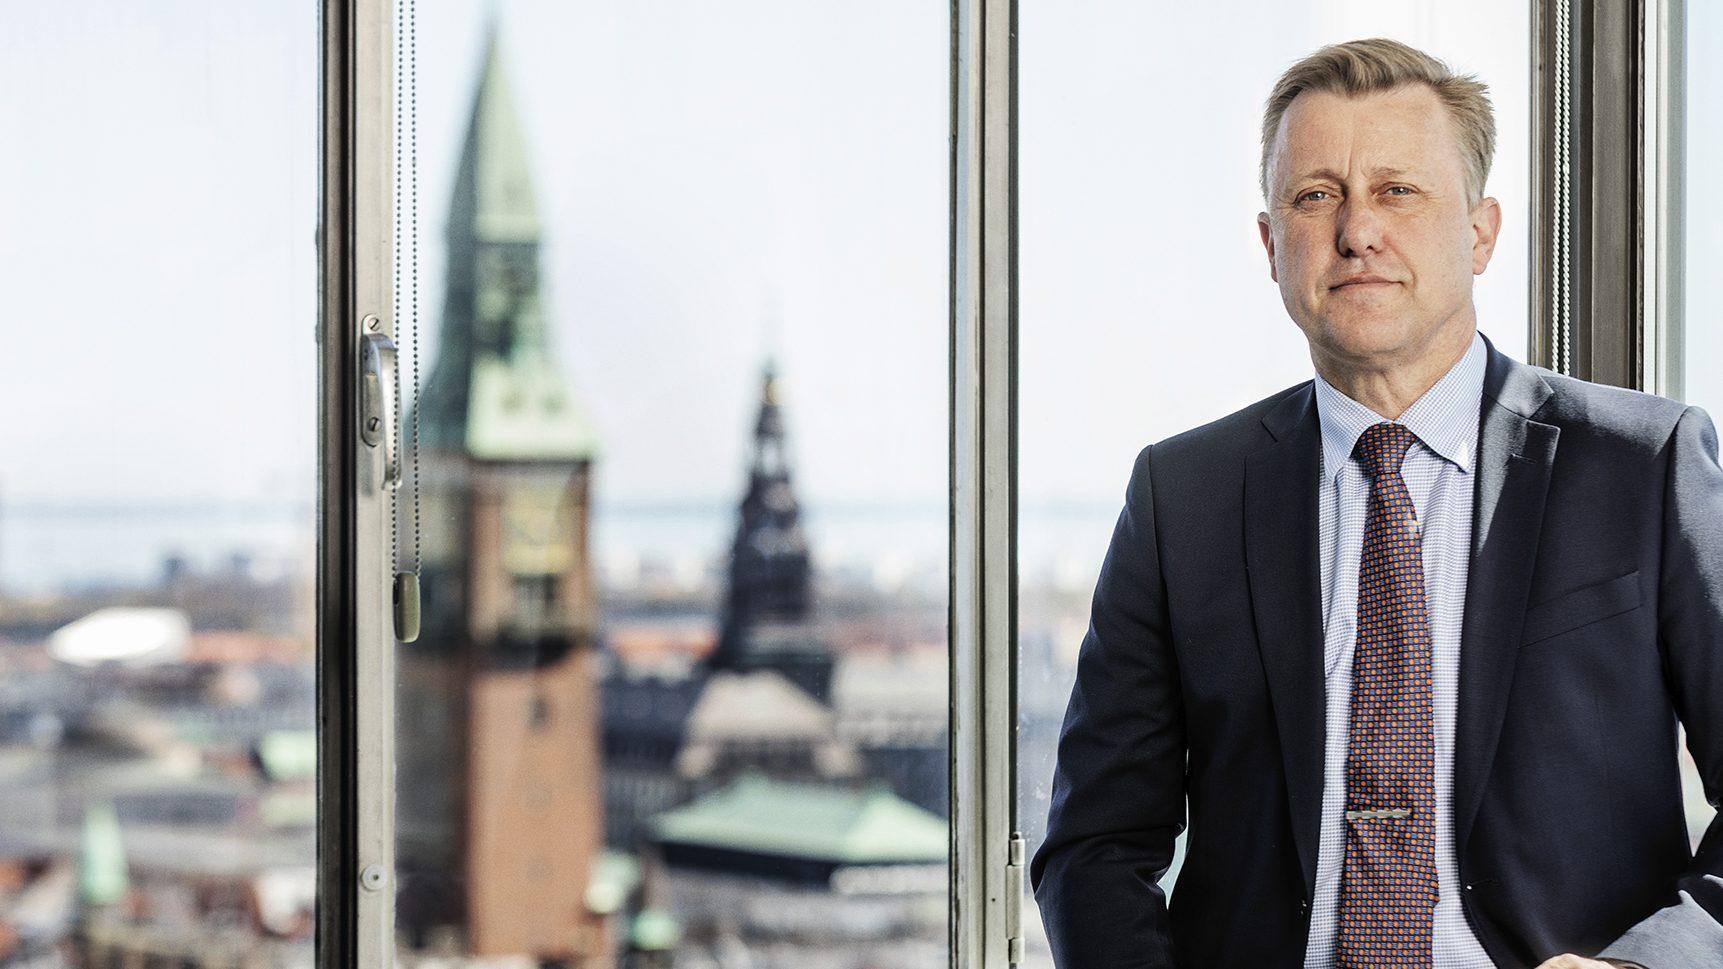 """""""Hele turisme- og oplevelseserhvervet vil rejse sig igen på den anden side af krisen, og branchen vil atter blive en af de stærkeste vækst- og jobskabere her i landet,"""" lyder det fra HORESTA's formand, Jan Vinther Laursen. Foto: HORESTA."""